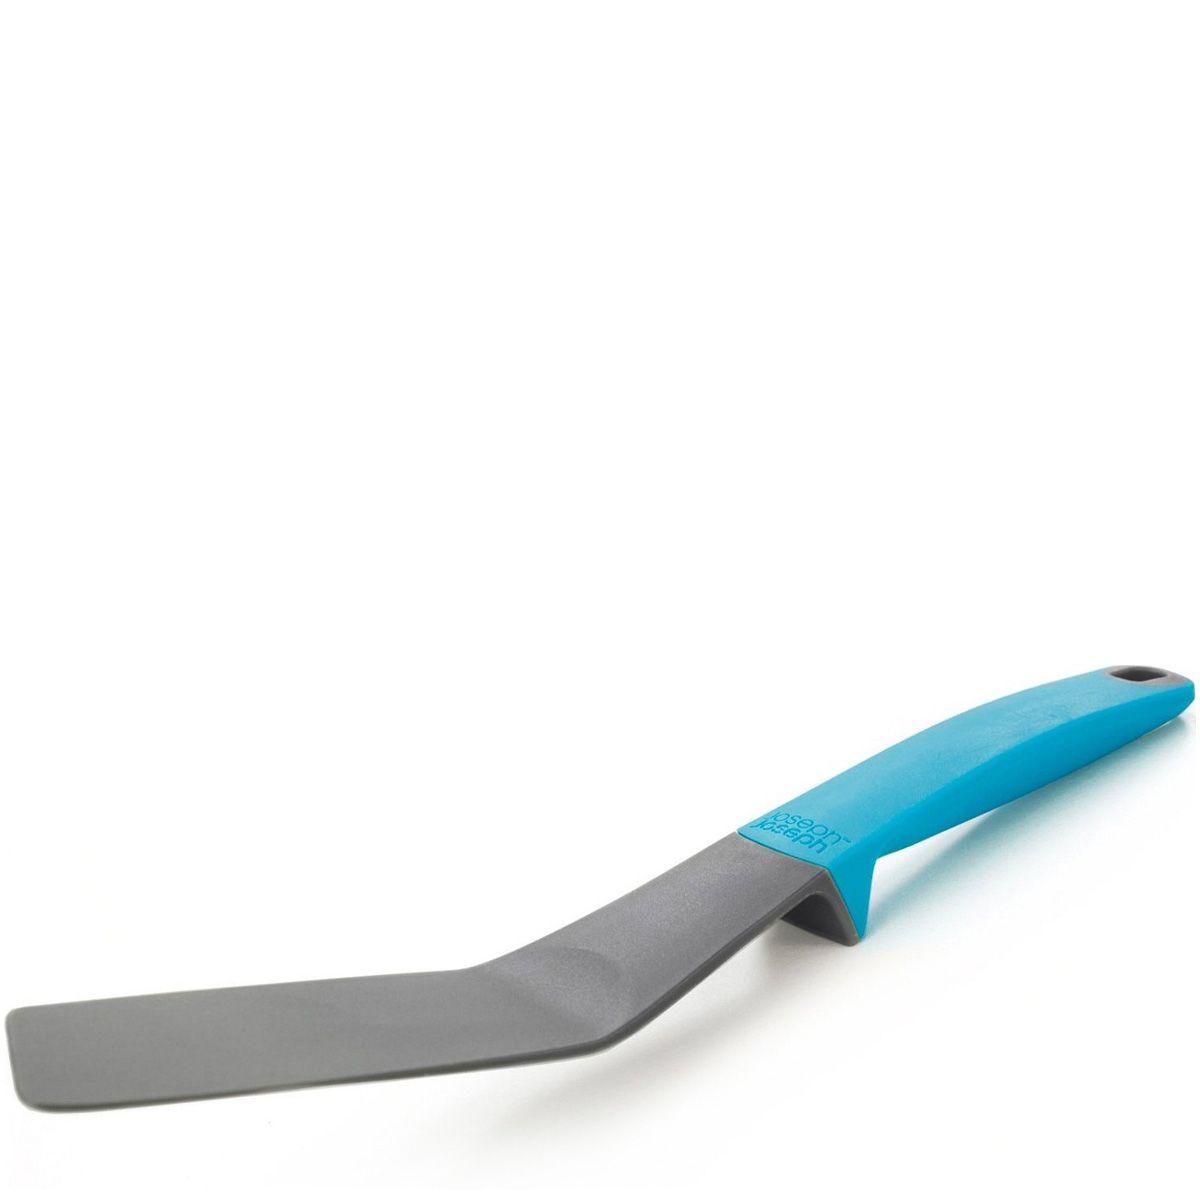 Лопатка Joseph Joseph Elevate гибкая удлиненная с голубой ручкой